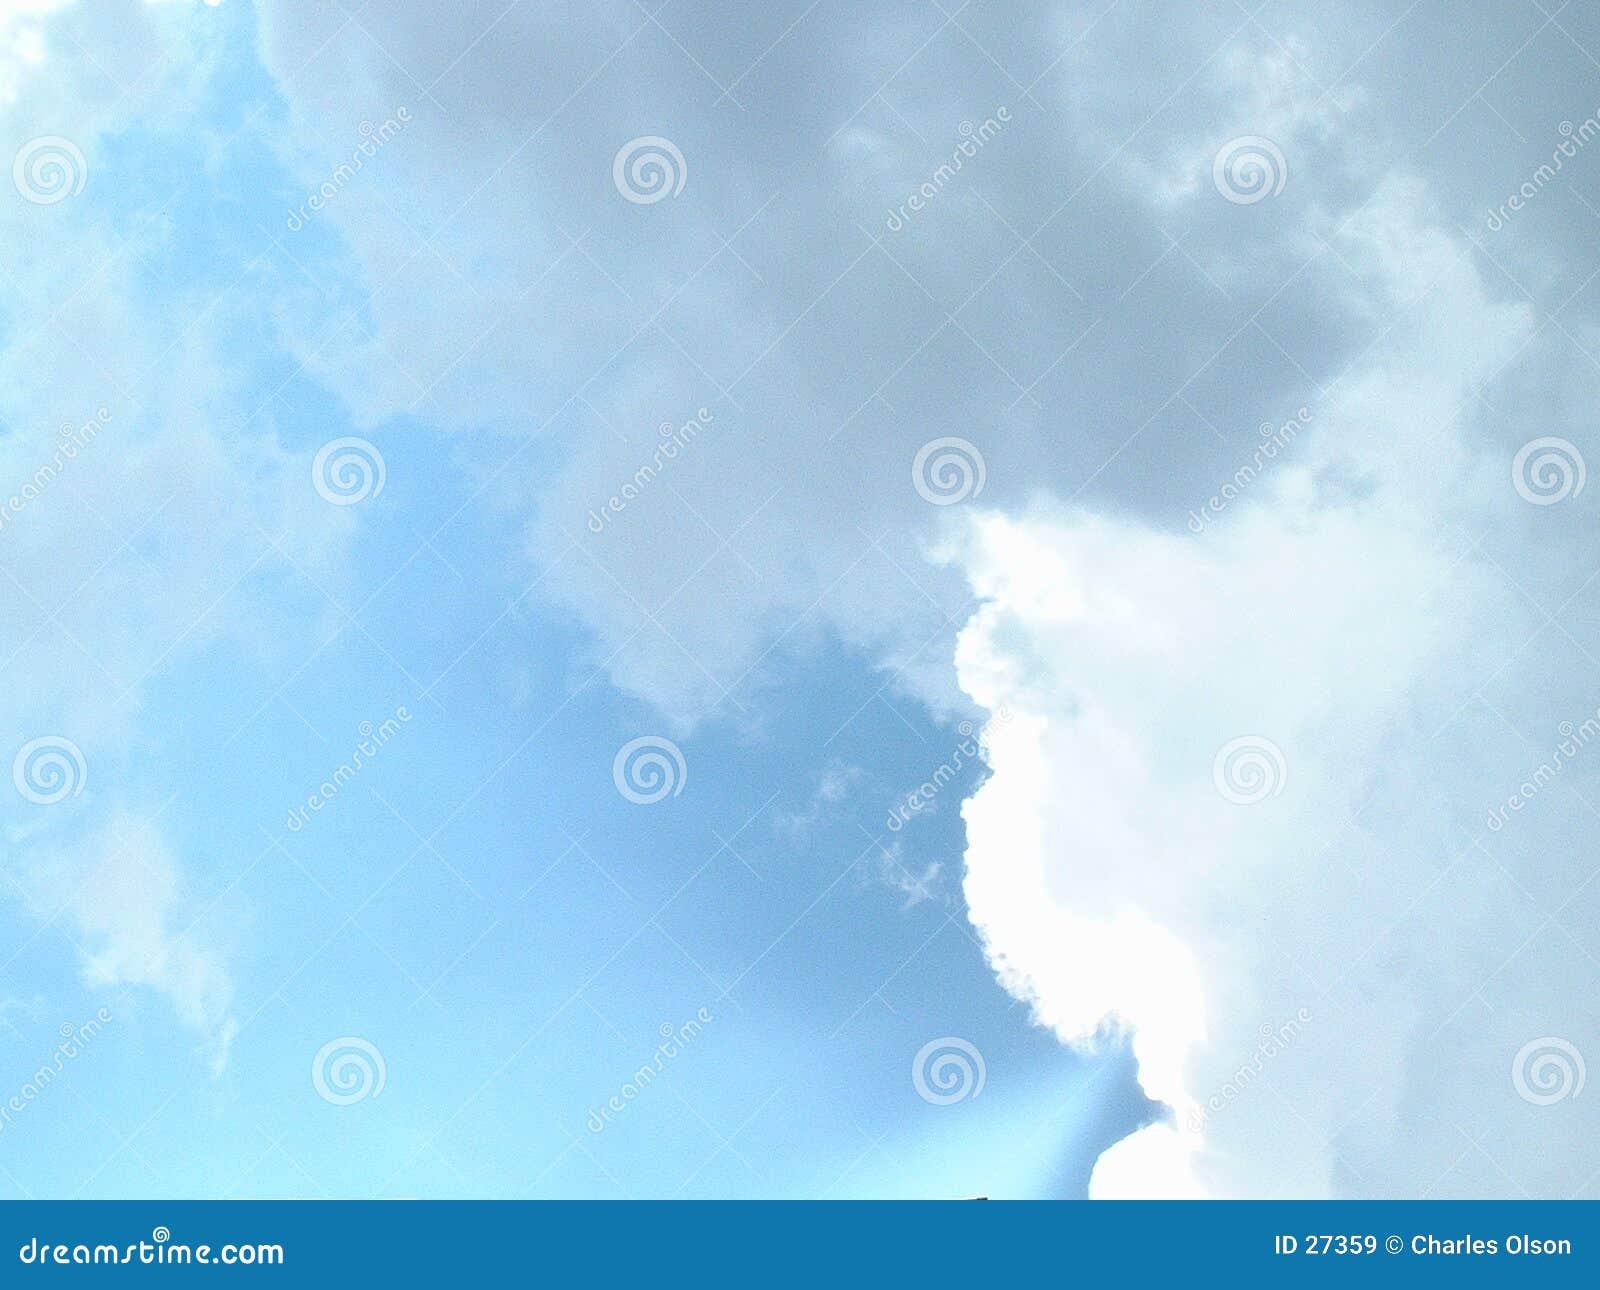 Download Wolken im Himmel stockbild. Bild von blau, weiß, wolken - 27359